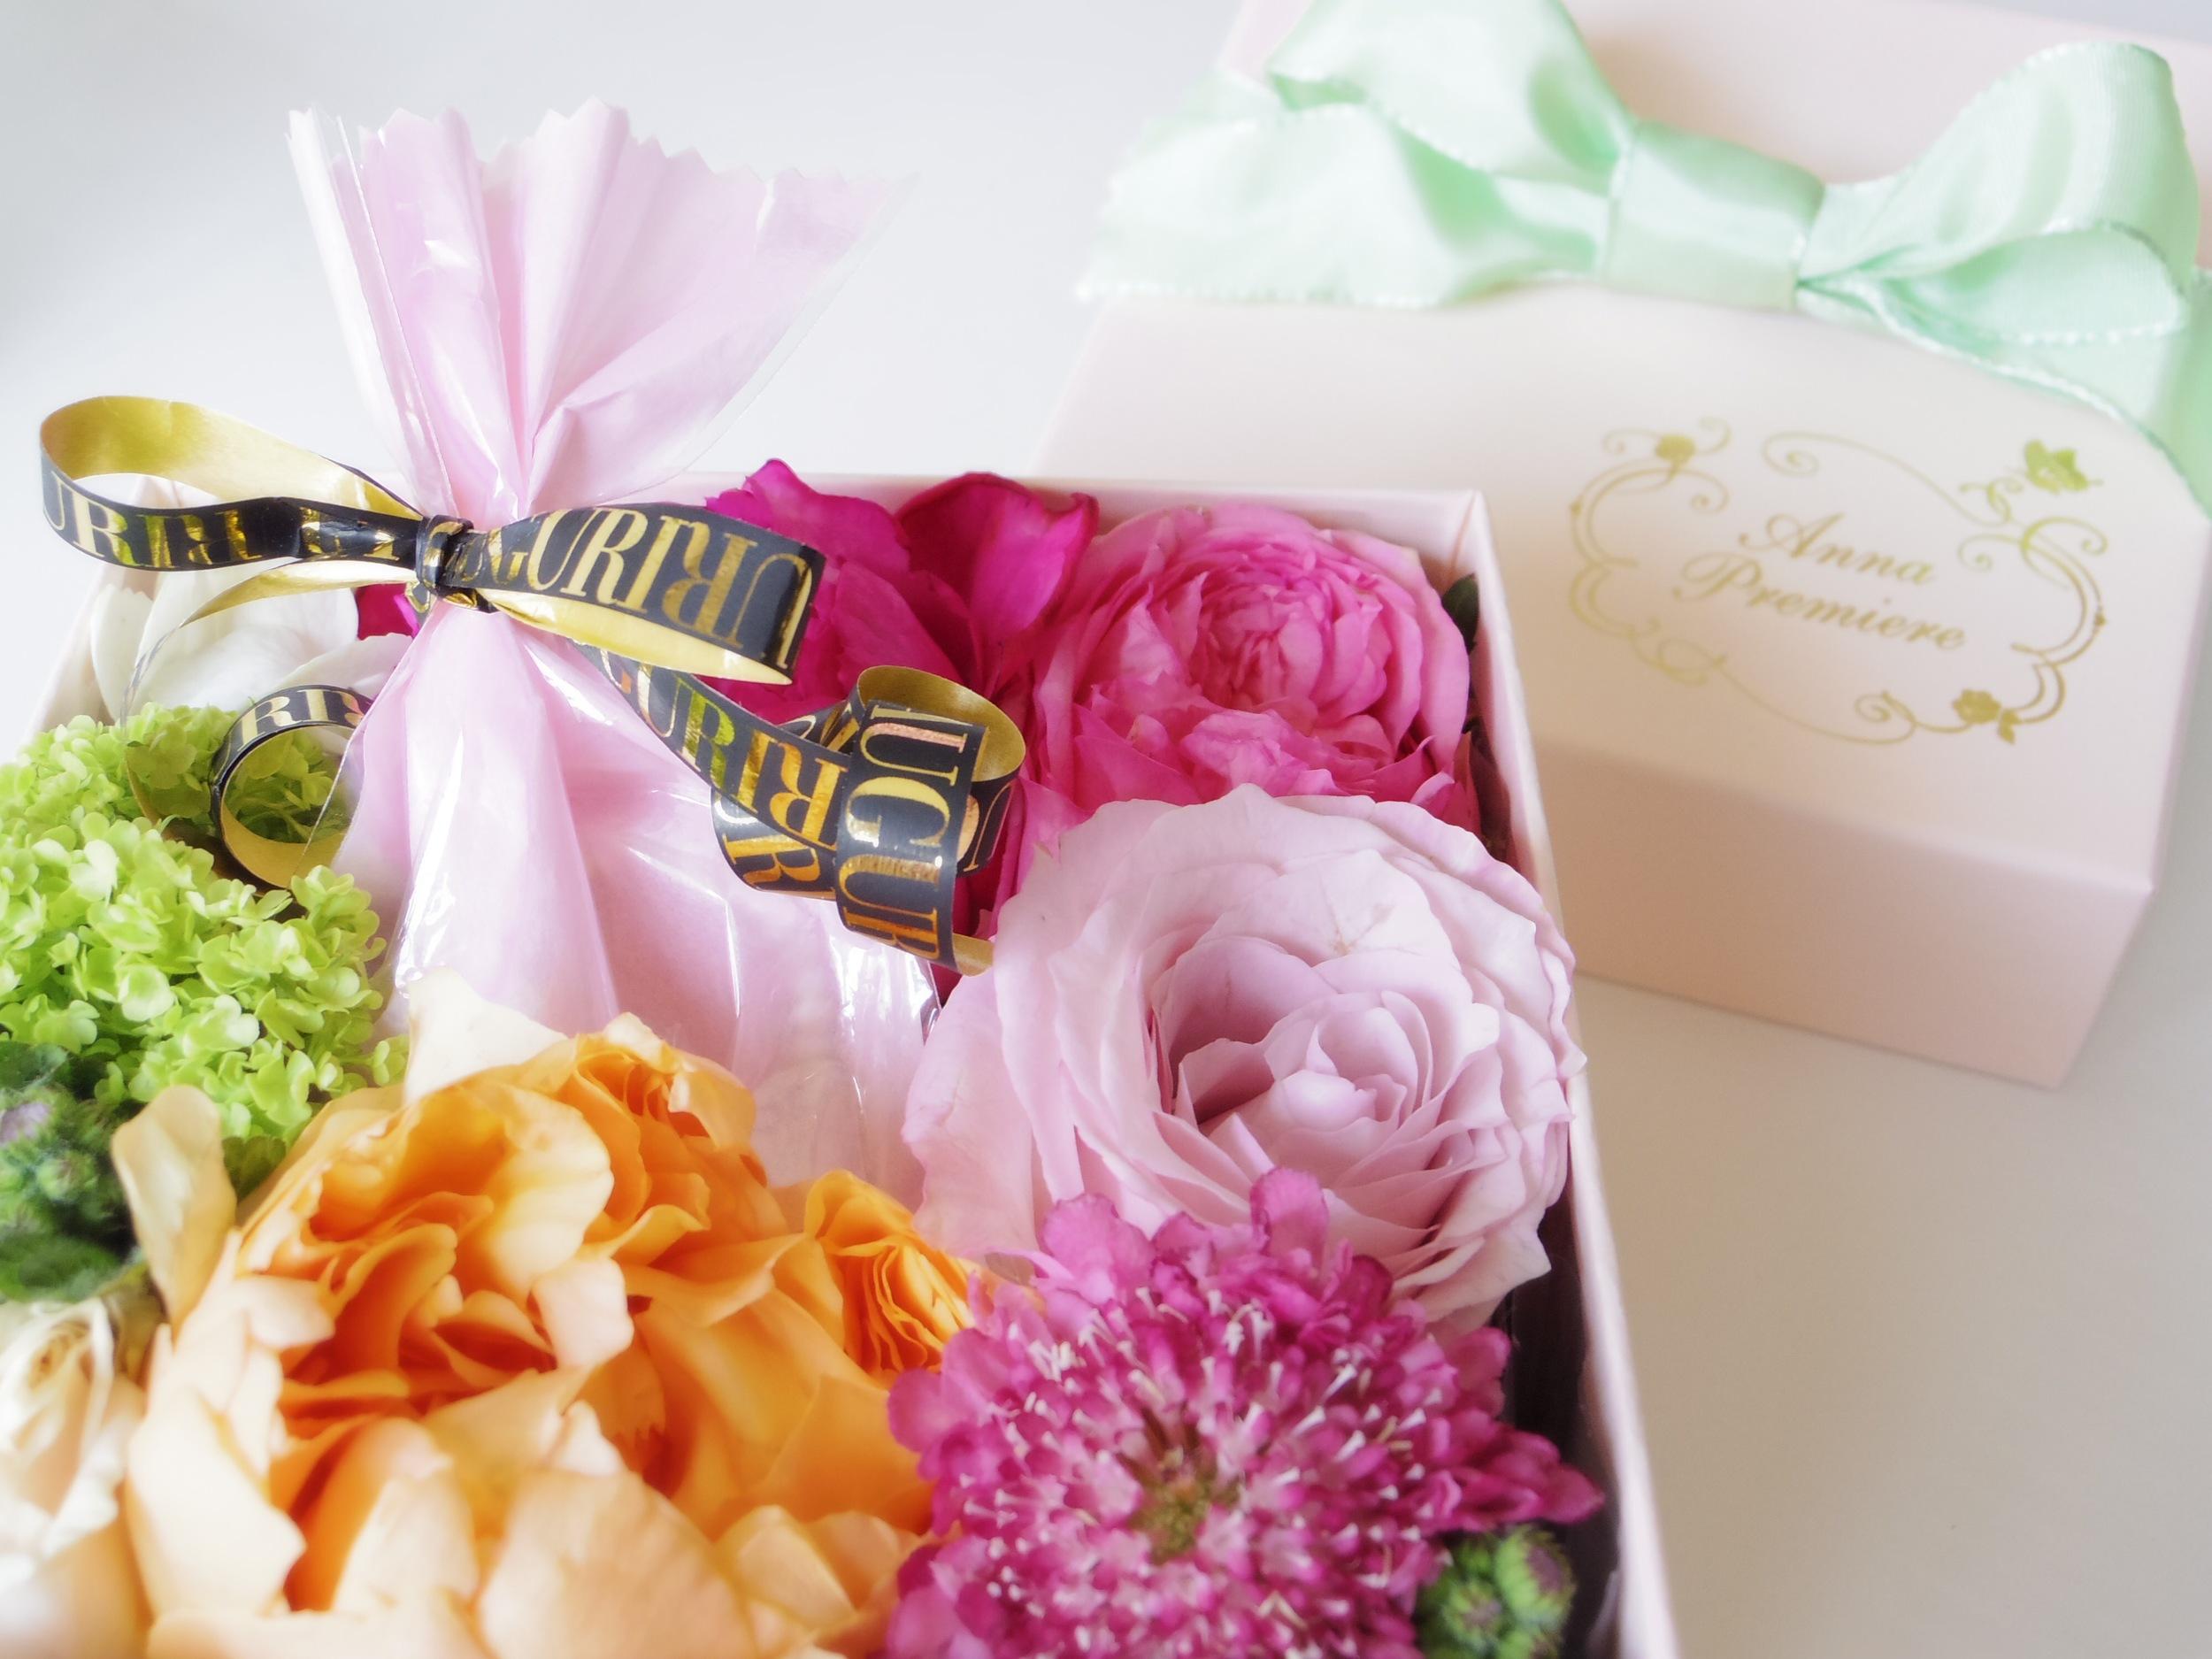 アクセサリーや小物を入れてお花と一緒にプレゼントもとっても素敵ですね!